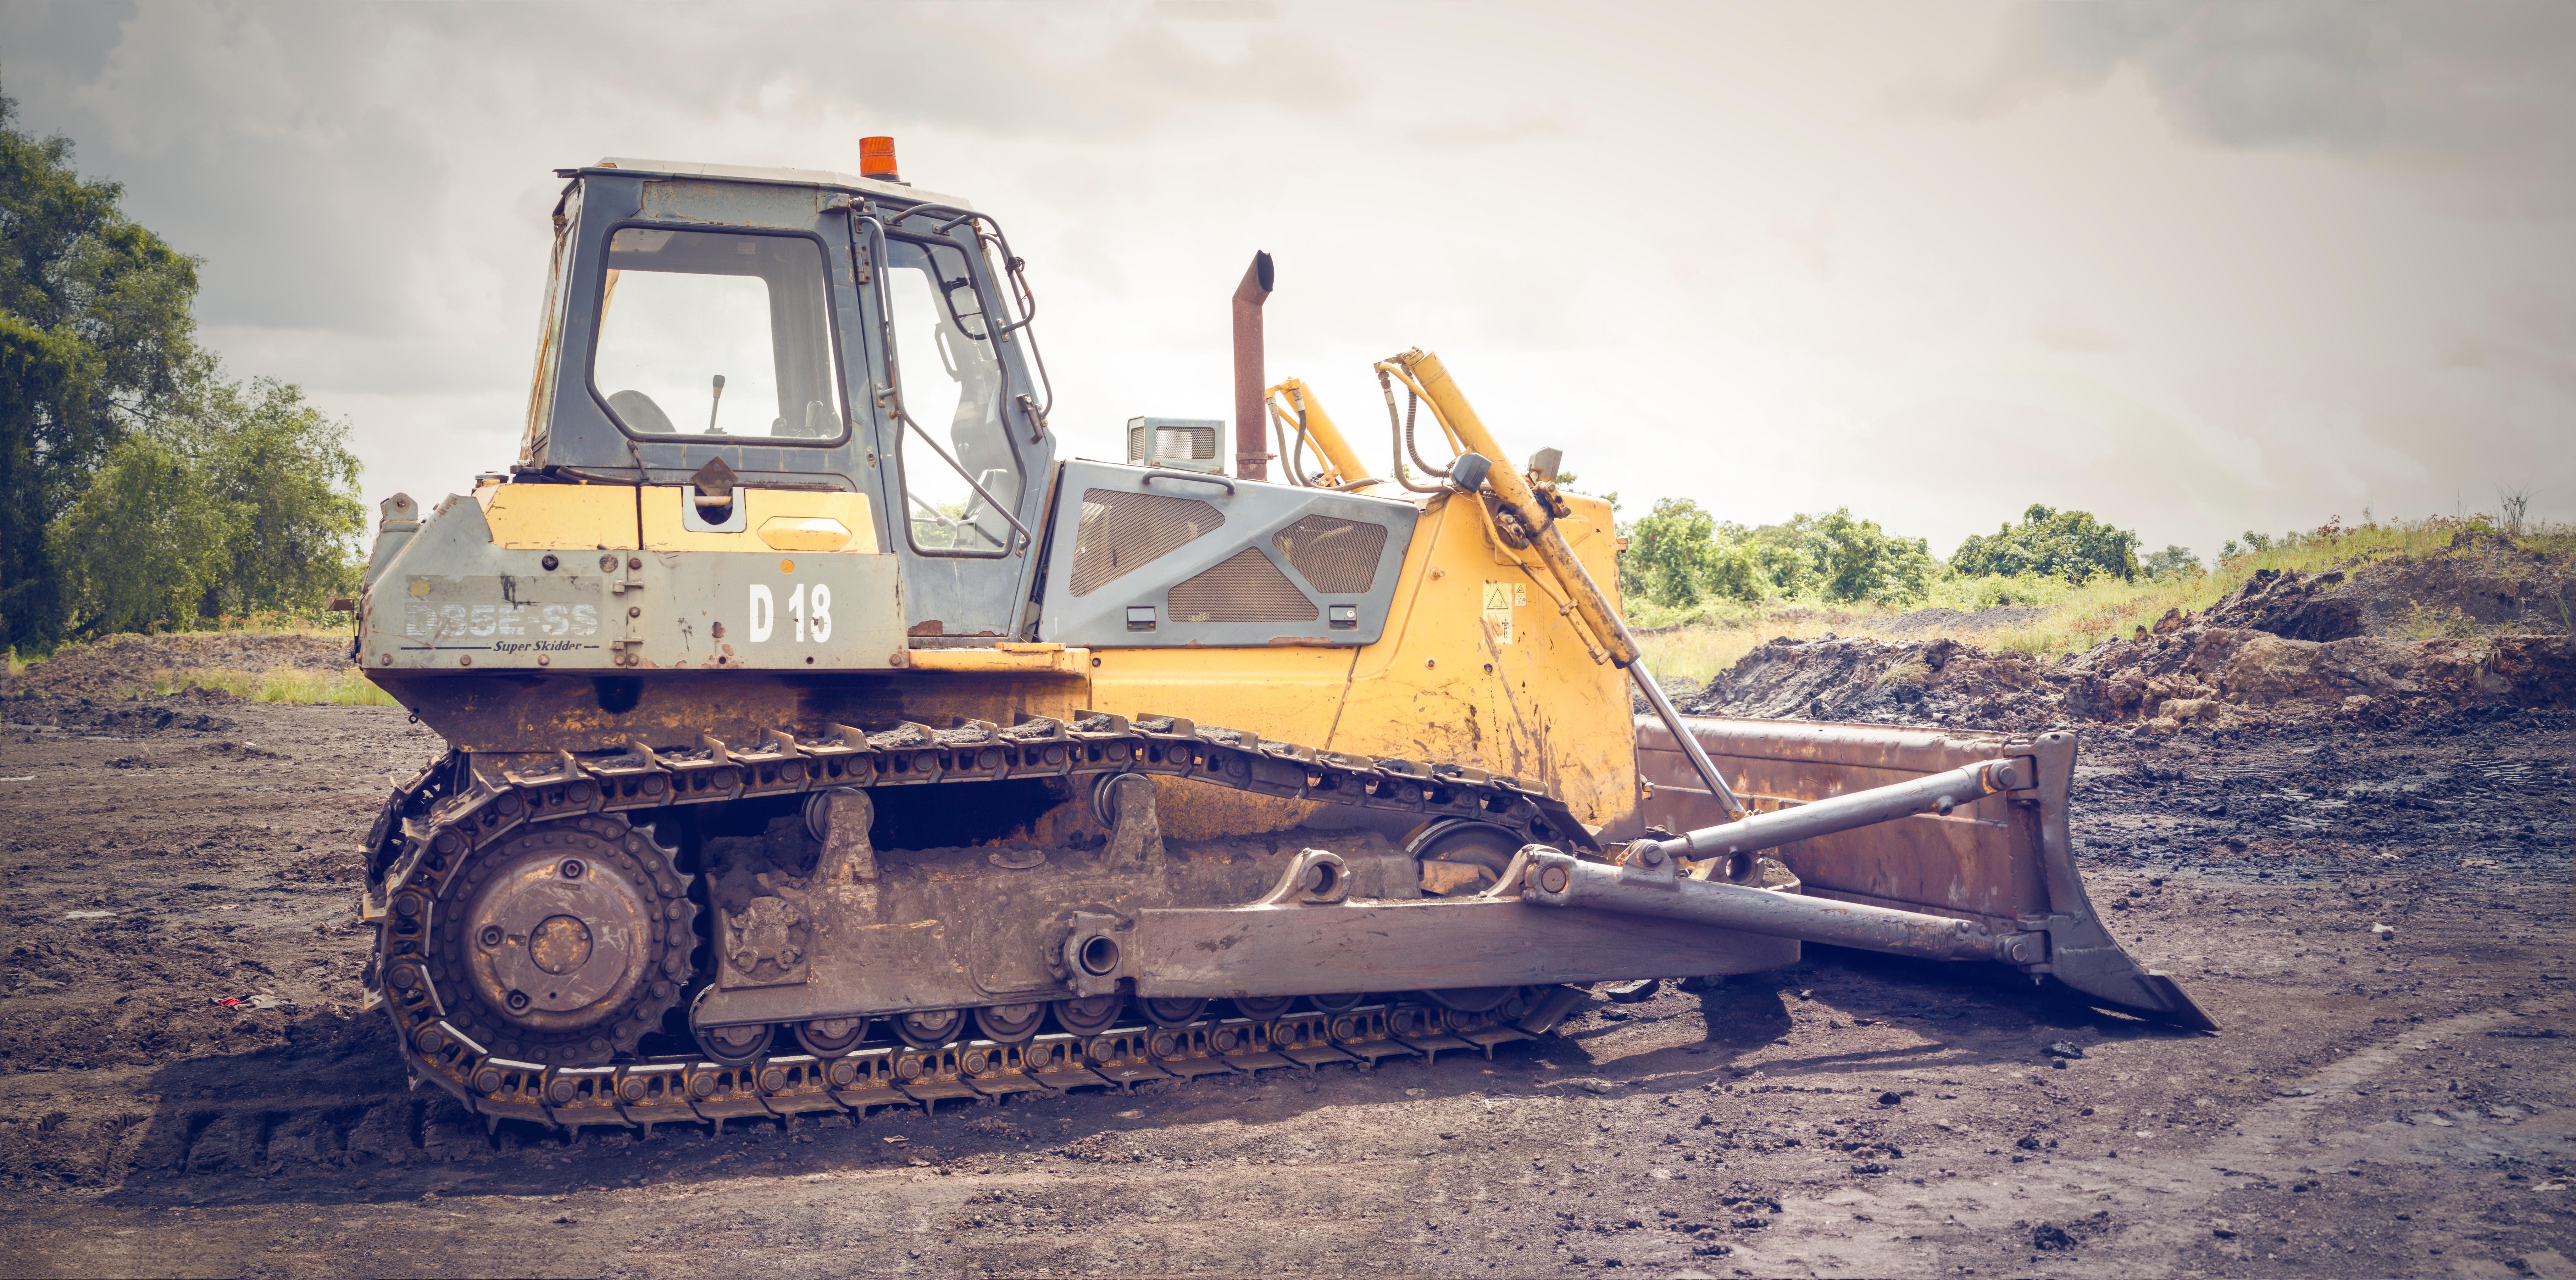 brown-coal-bulldozer-caterpillar-1009926